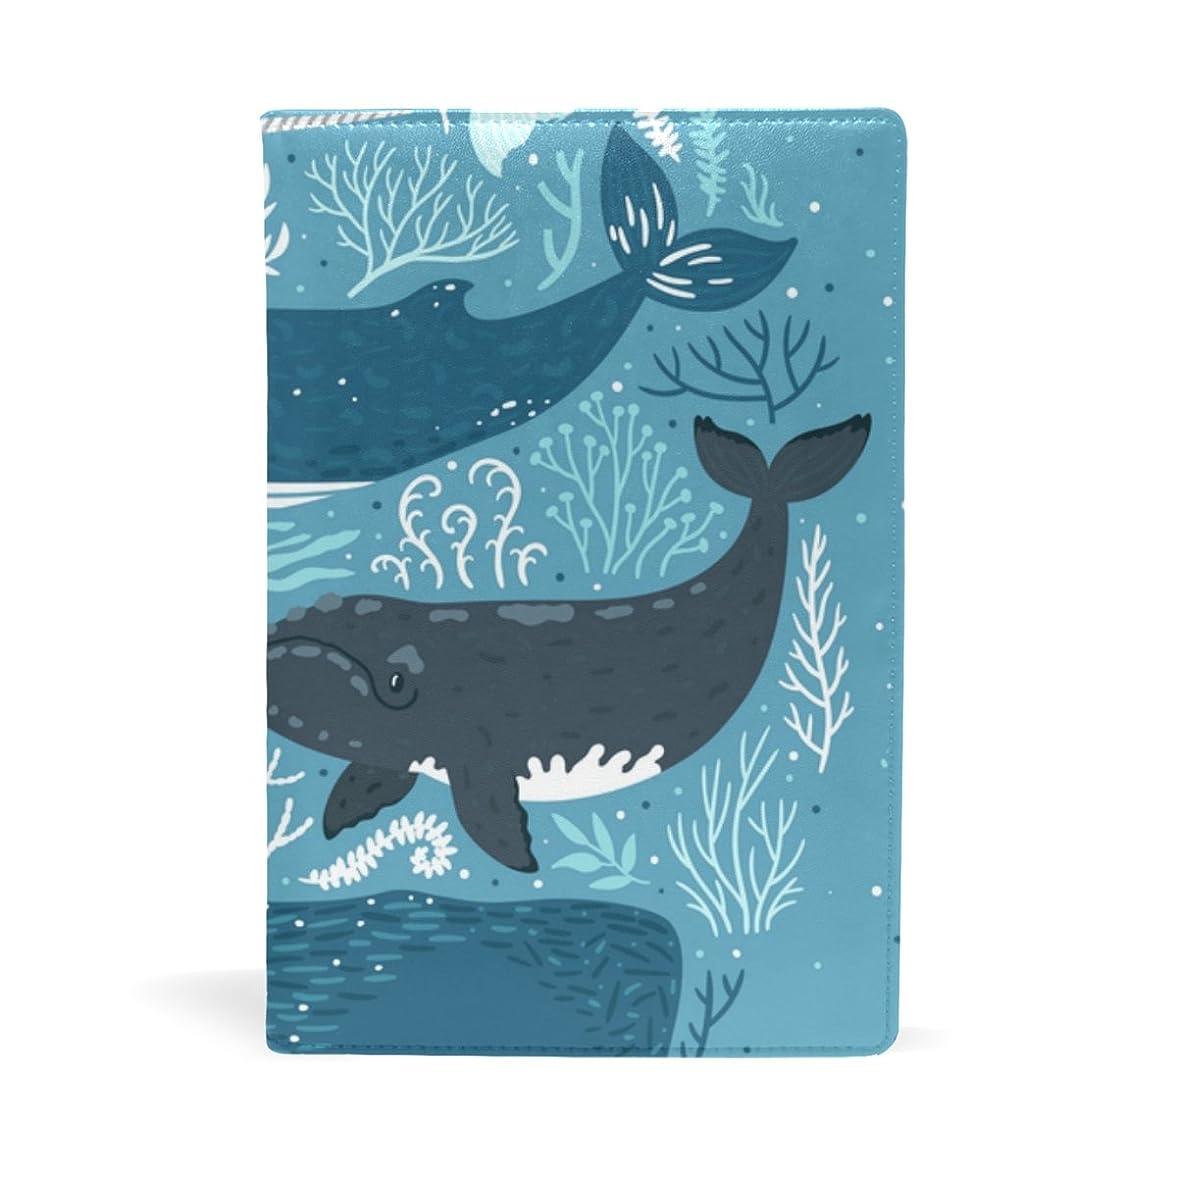 人種壊れた徹底旅立の店 ブックカバー レザー 文庫カバー フリーサイズ 海の生き物柄 イルカ クジラ 上品 おしゃれ 本好きなあなたに 学生 22x15cm